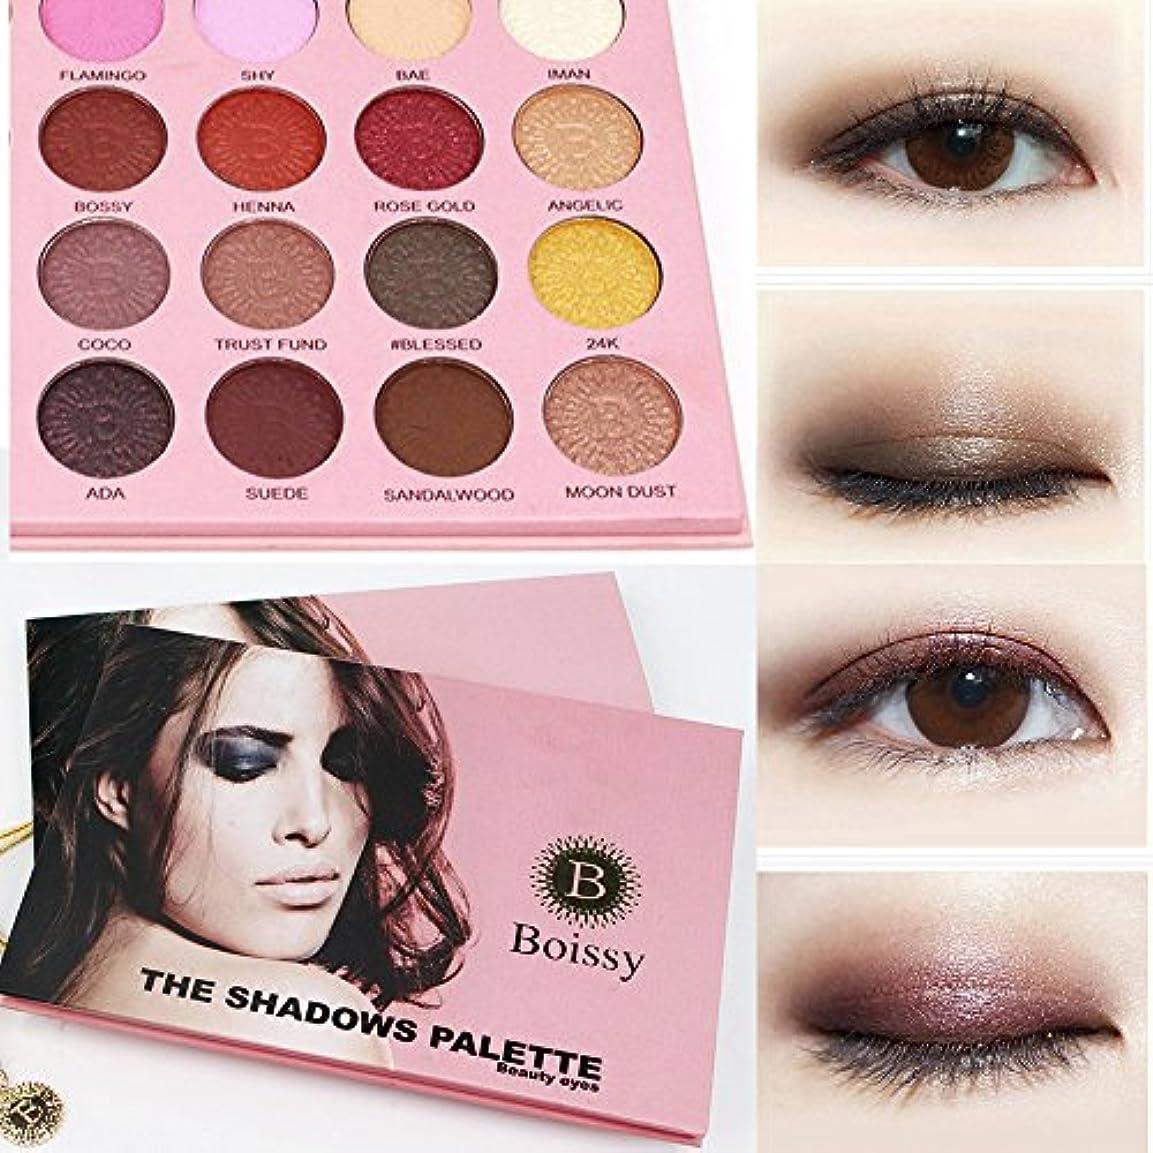 適格預言者粒子ビューティー アイシャドー BOBOGOJP 24色 パール/マット 2in1 アイシャドー パレット 化粧セット Eyeshadow Palette 携帯便利 多機能 アイメイク道具 (Multicolor)